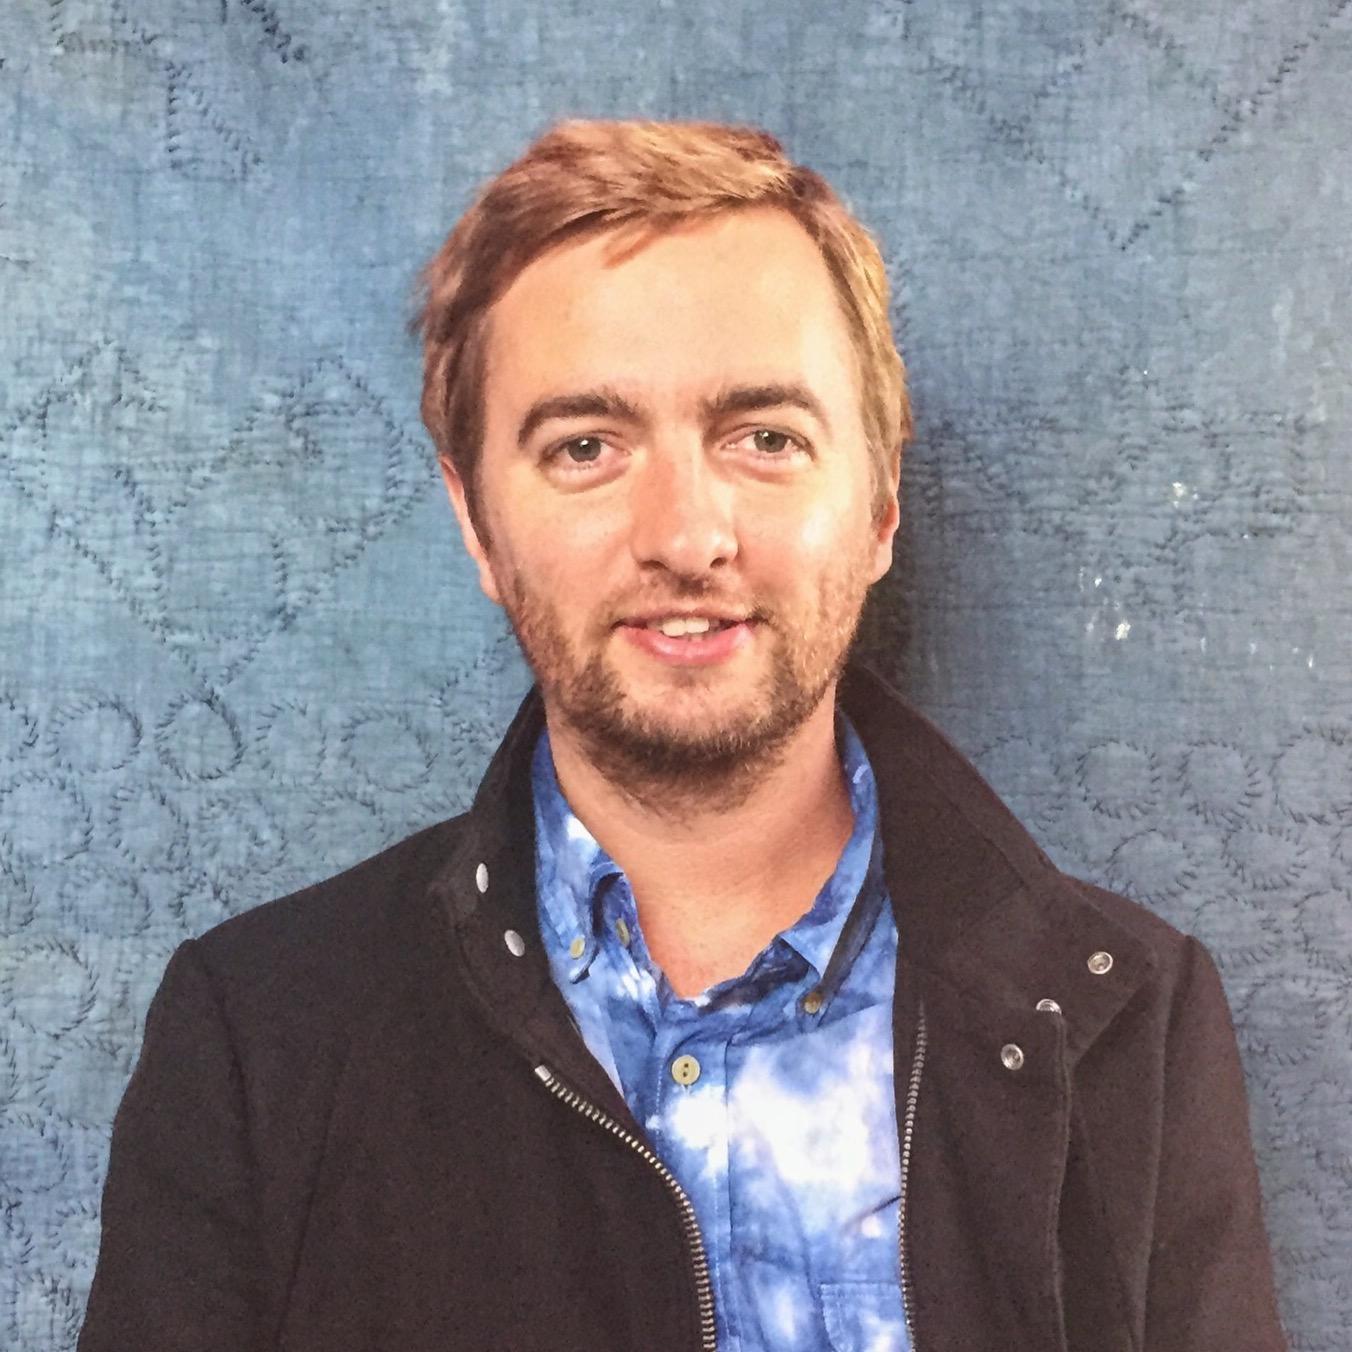 Jonny_Price_Headshot.jpg